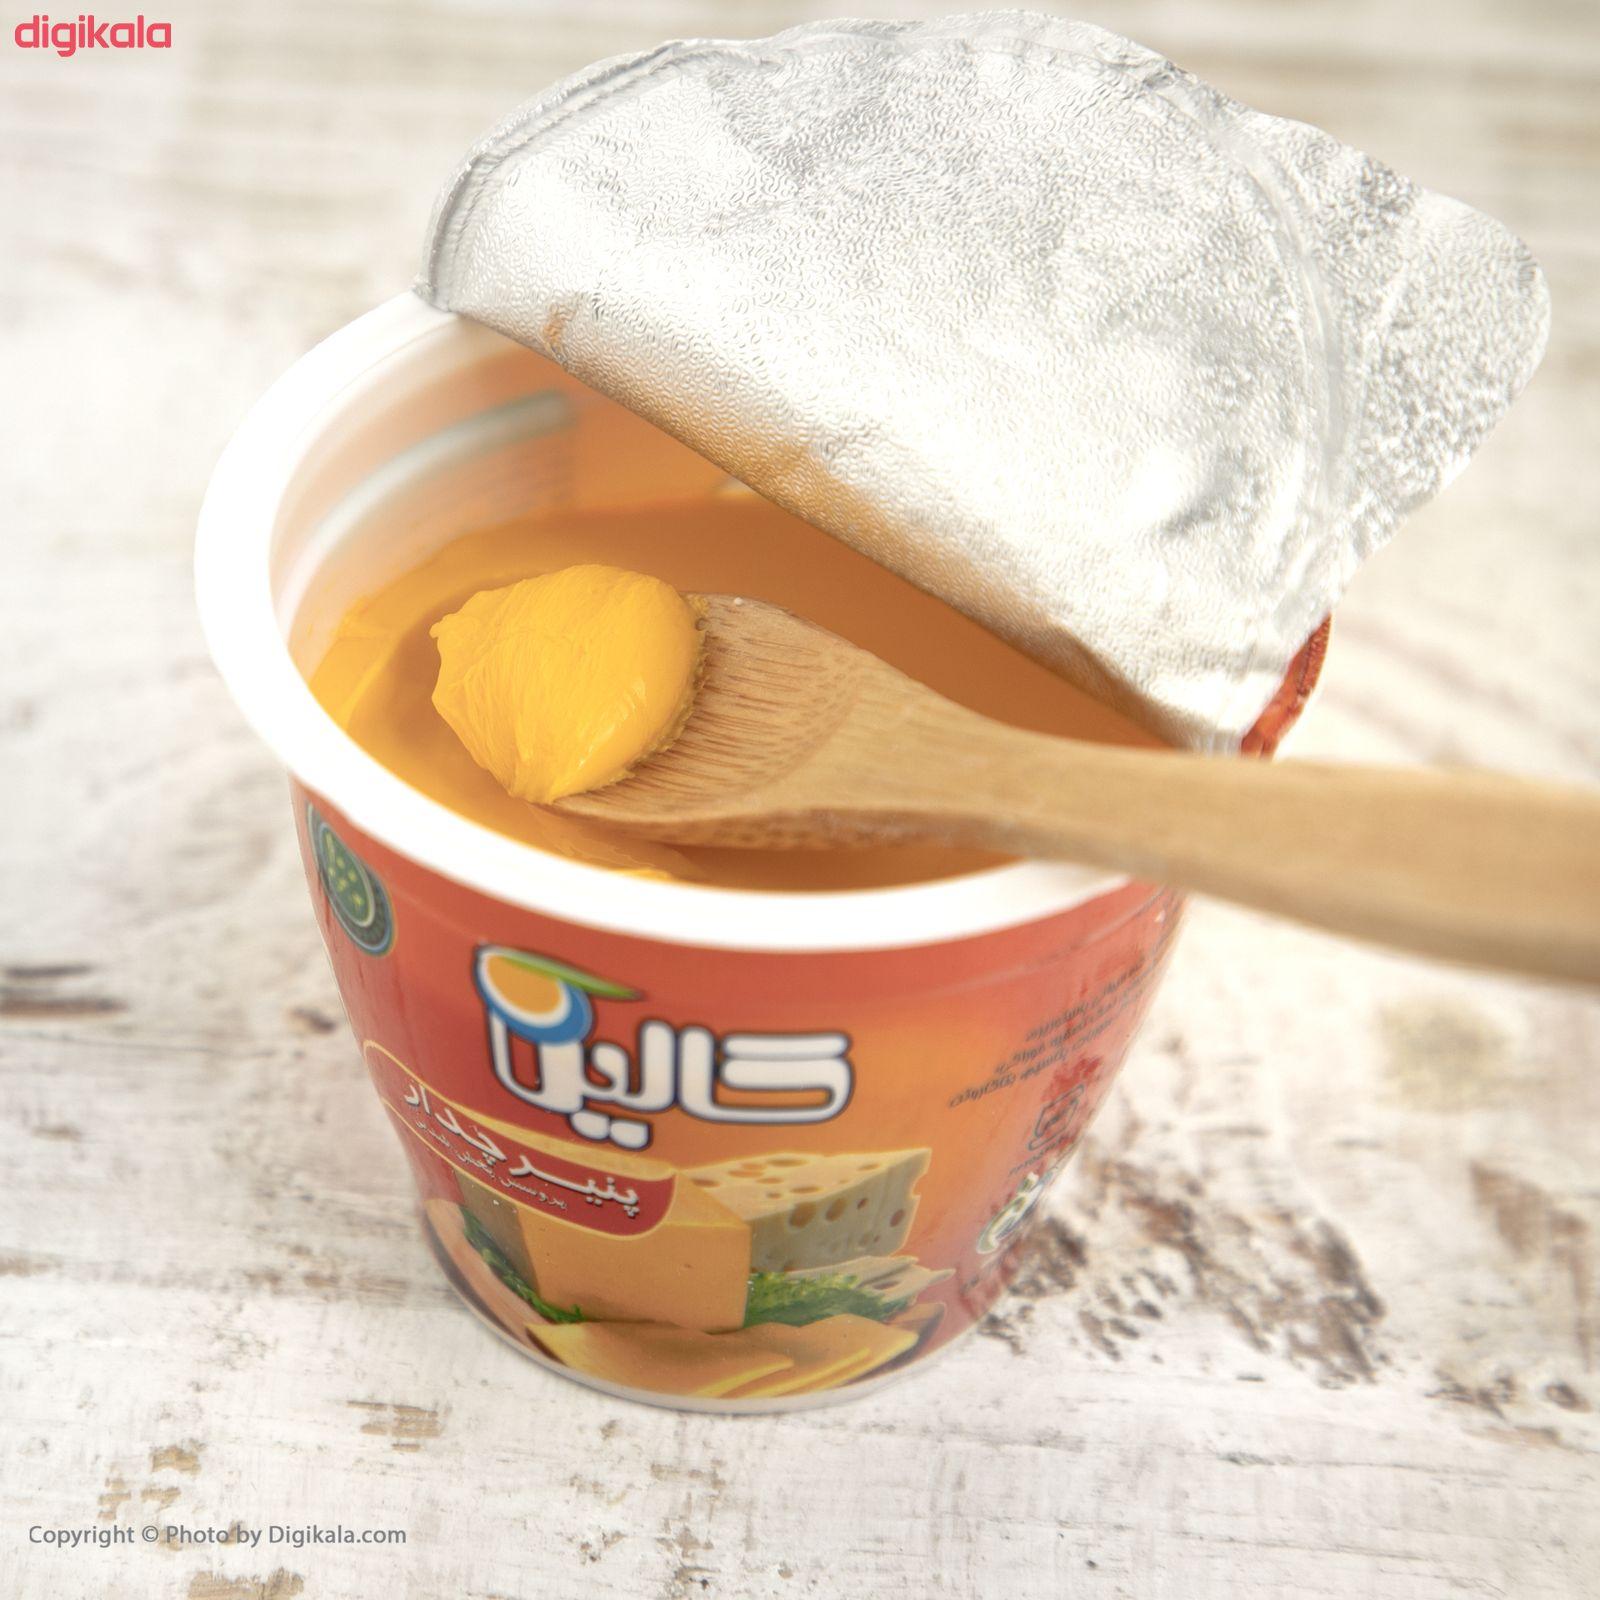 پنیر دیپ چدار کالین مقدار 100 گرم main 1 8